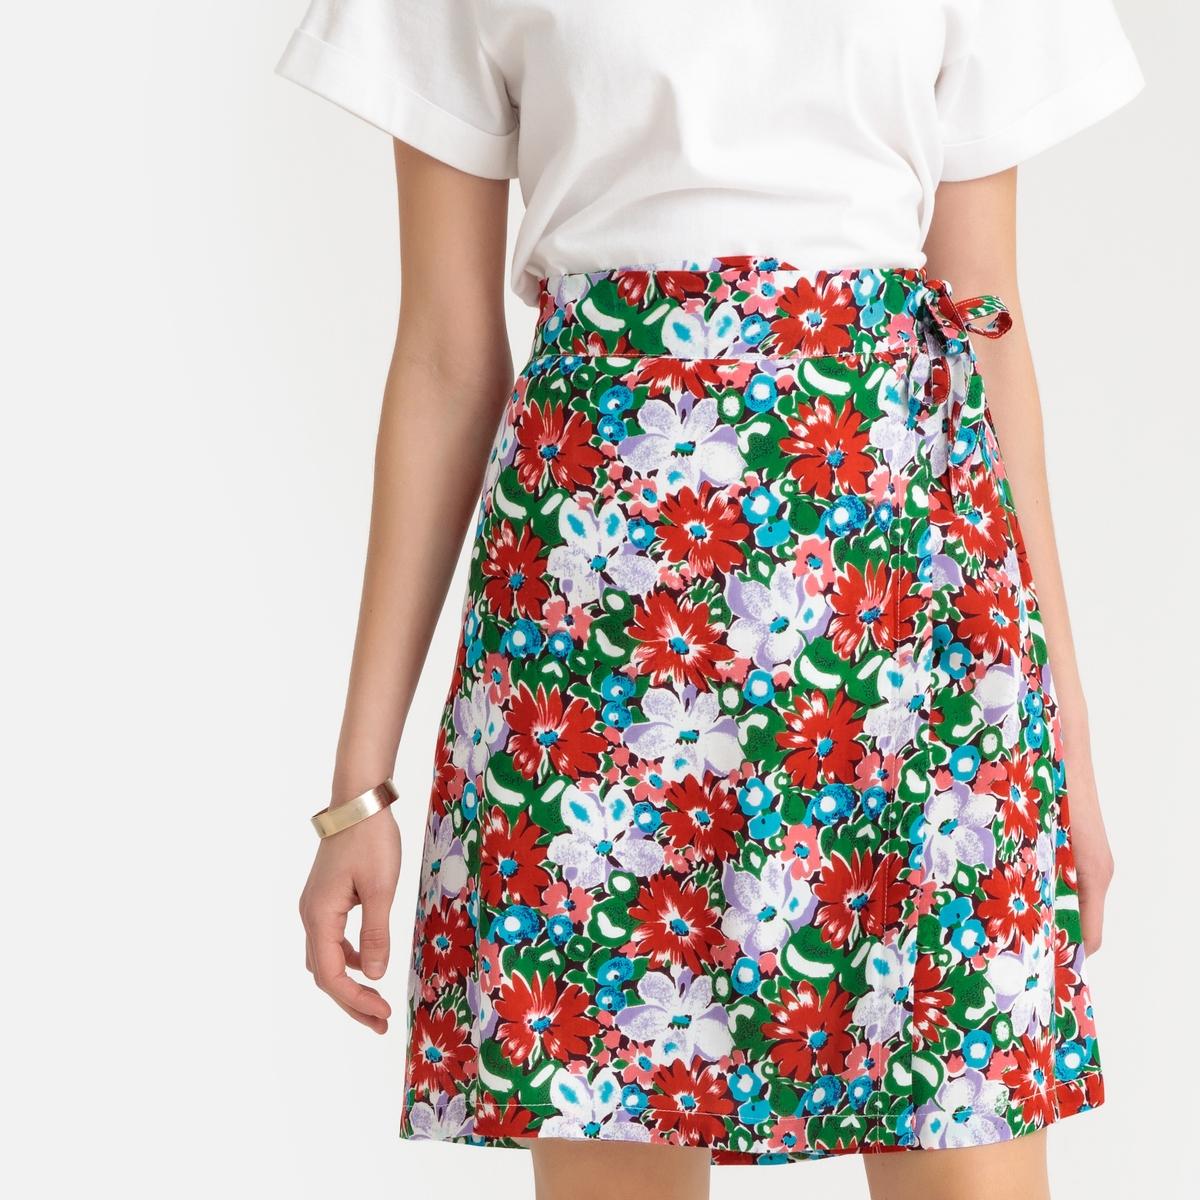 Юбка La Redoute Короткая расклешенная с запахом с цветочным рисунком S красный юбка la redoute короткая расклешенная с цветочным рисунком и оборками на поясе xs бежевый